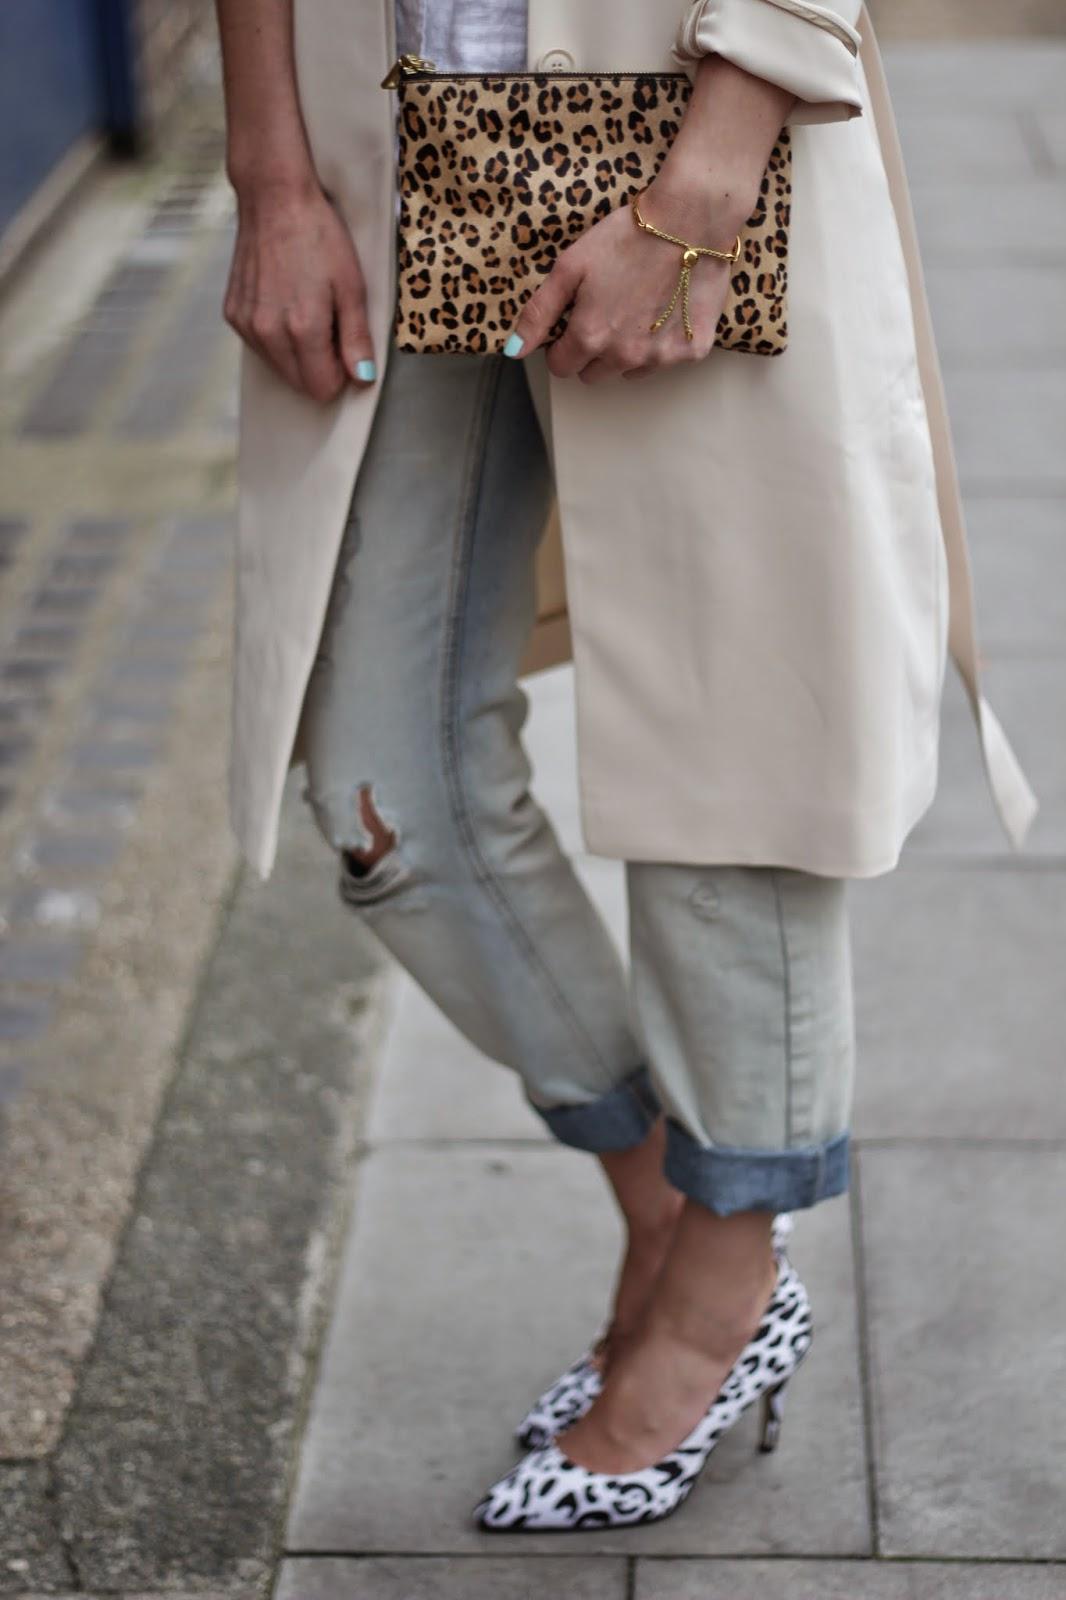 Trench coat, street style, leopard print, j crew, j crew clutch, animal prints, asos heels, asos boyfriend jeans, ripped boyfriend jeans, animal printed heels, , monica vinader jewellery, monica vinader fiji bracelet